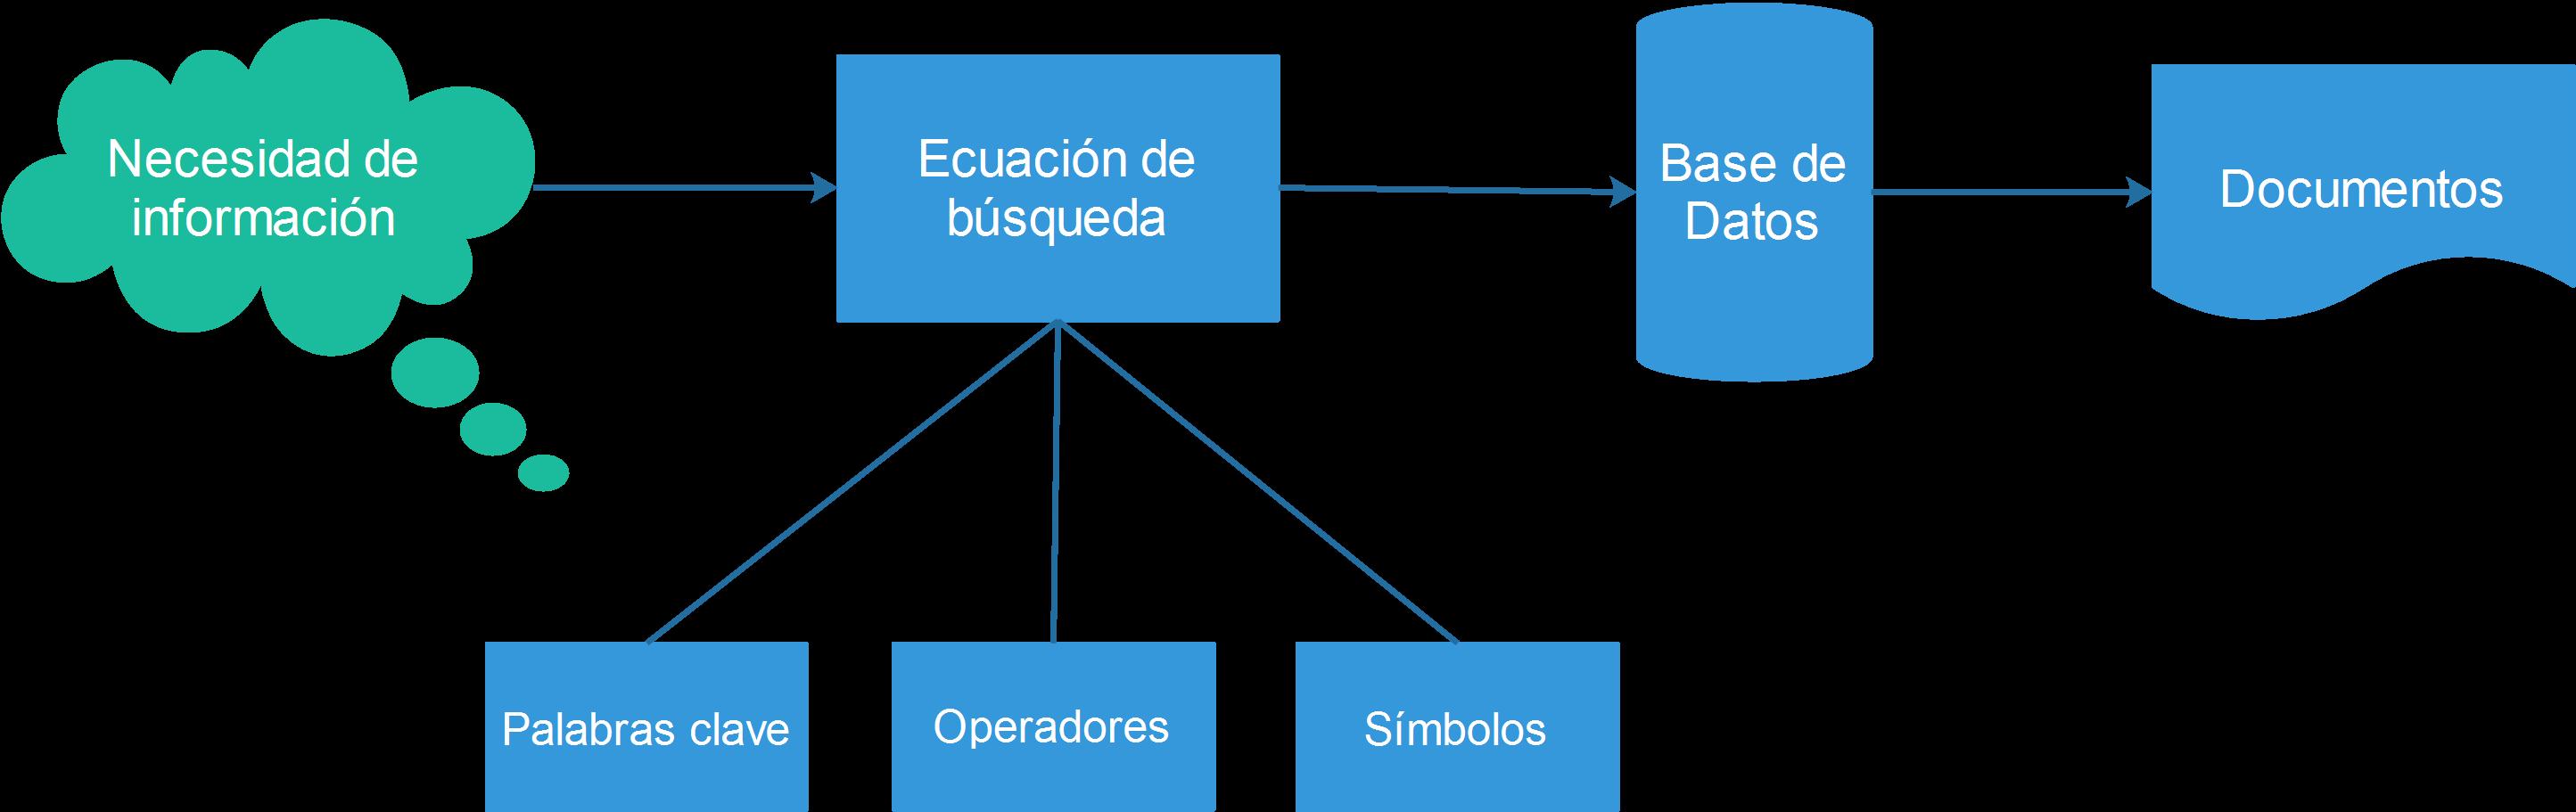 Ecuaciones de búsqueda: qué son y cómo se utilizan en bases